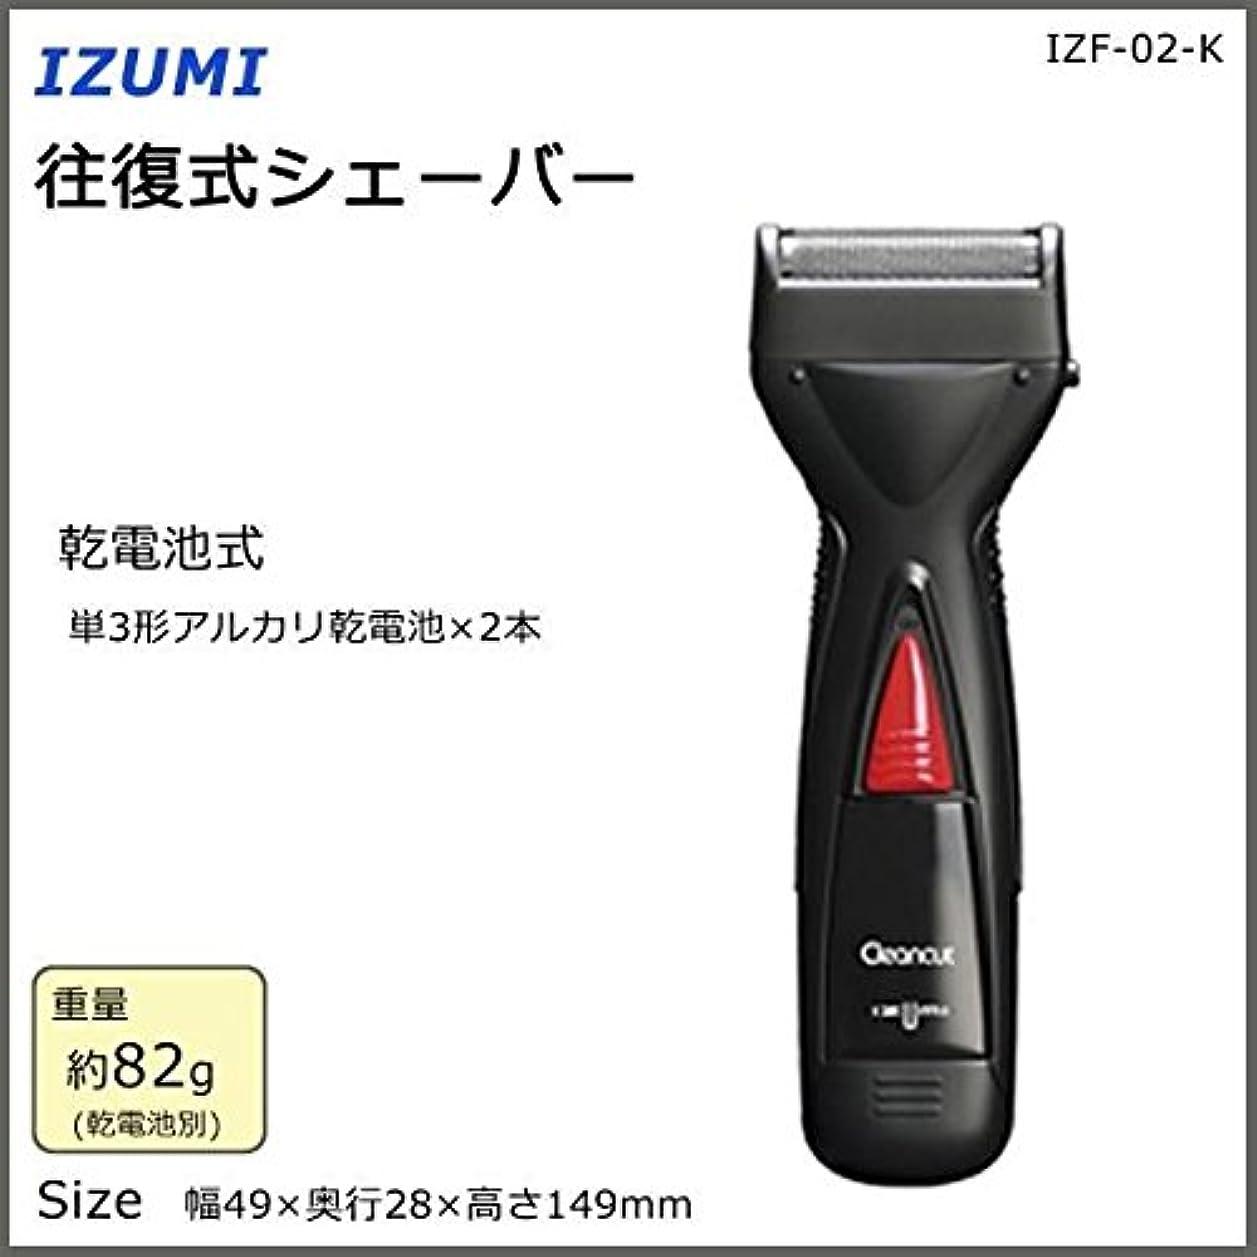 ナプキンオッズアルネIZUMI 往復式シェーバー IZF-02-K